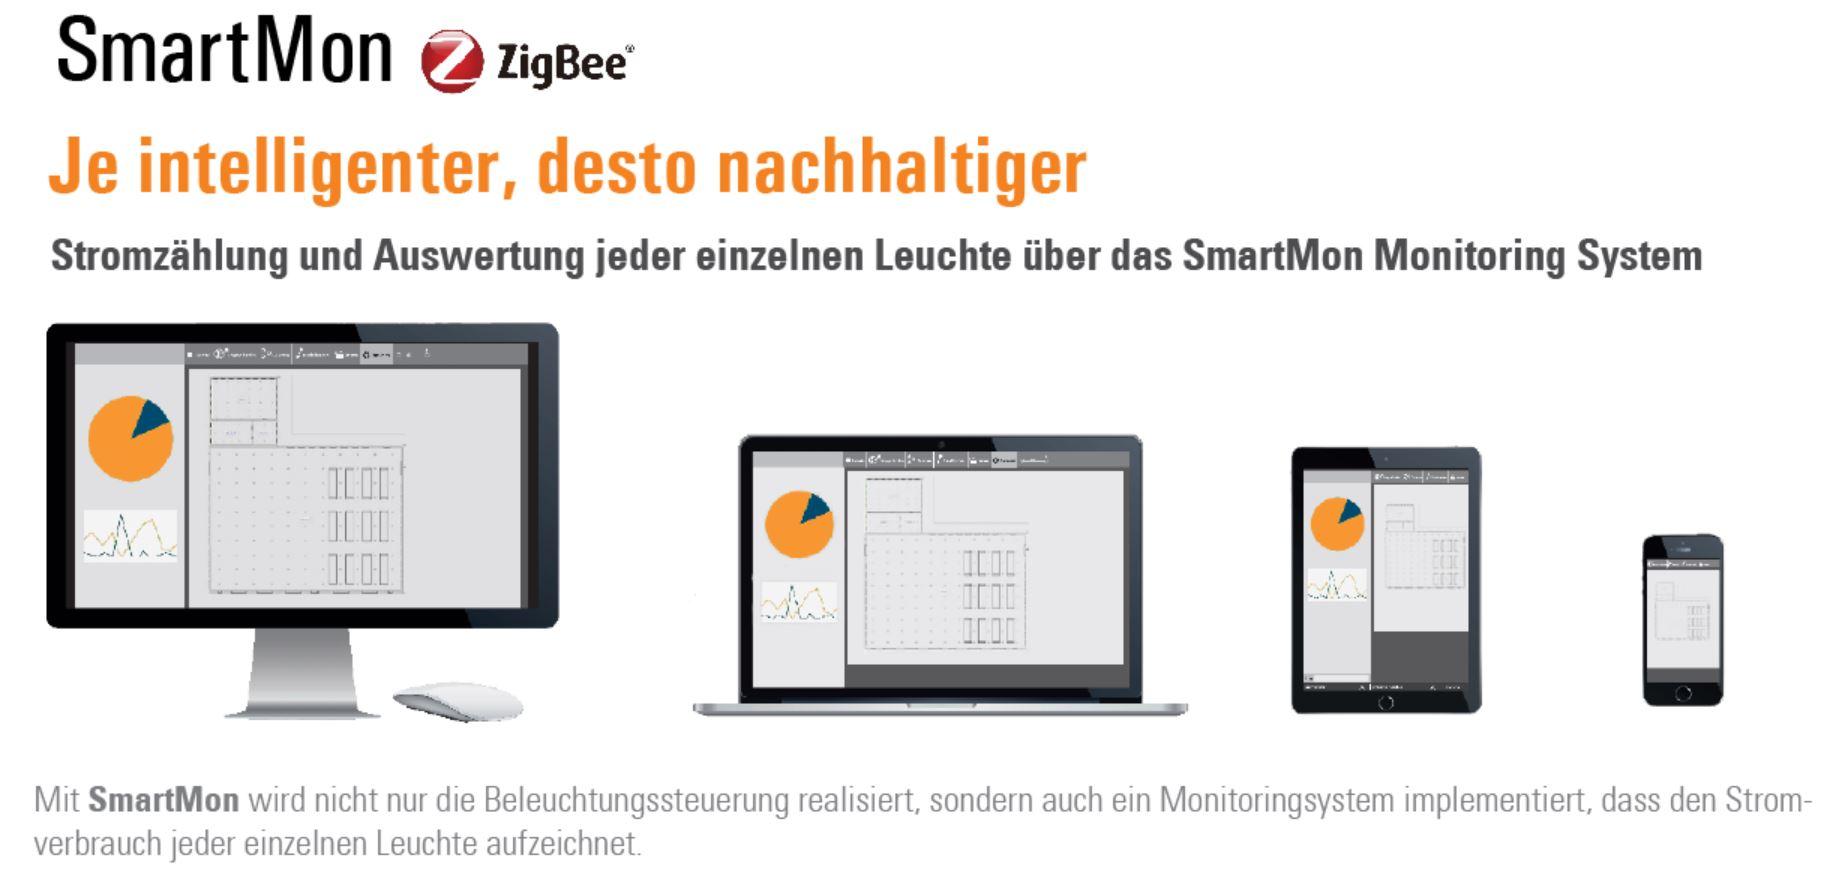 smartmon ZigBee Lichsteuerung von SML mit integrierter Stromzählung